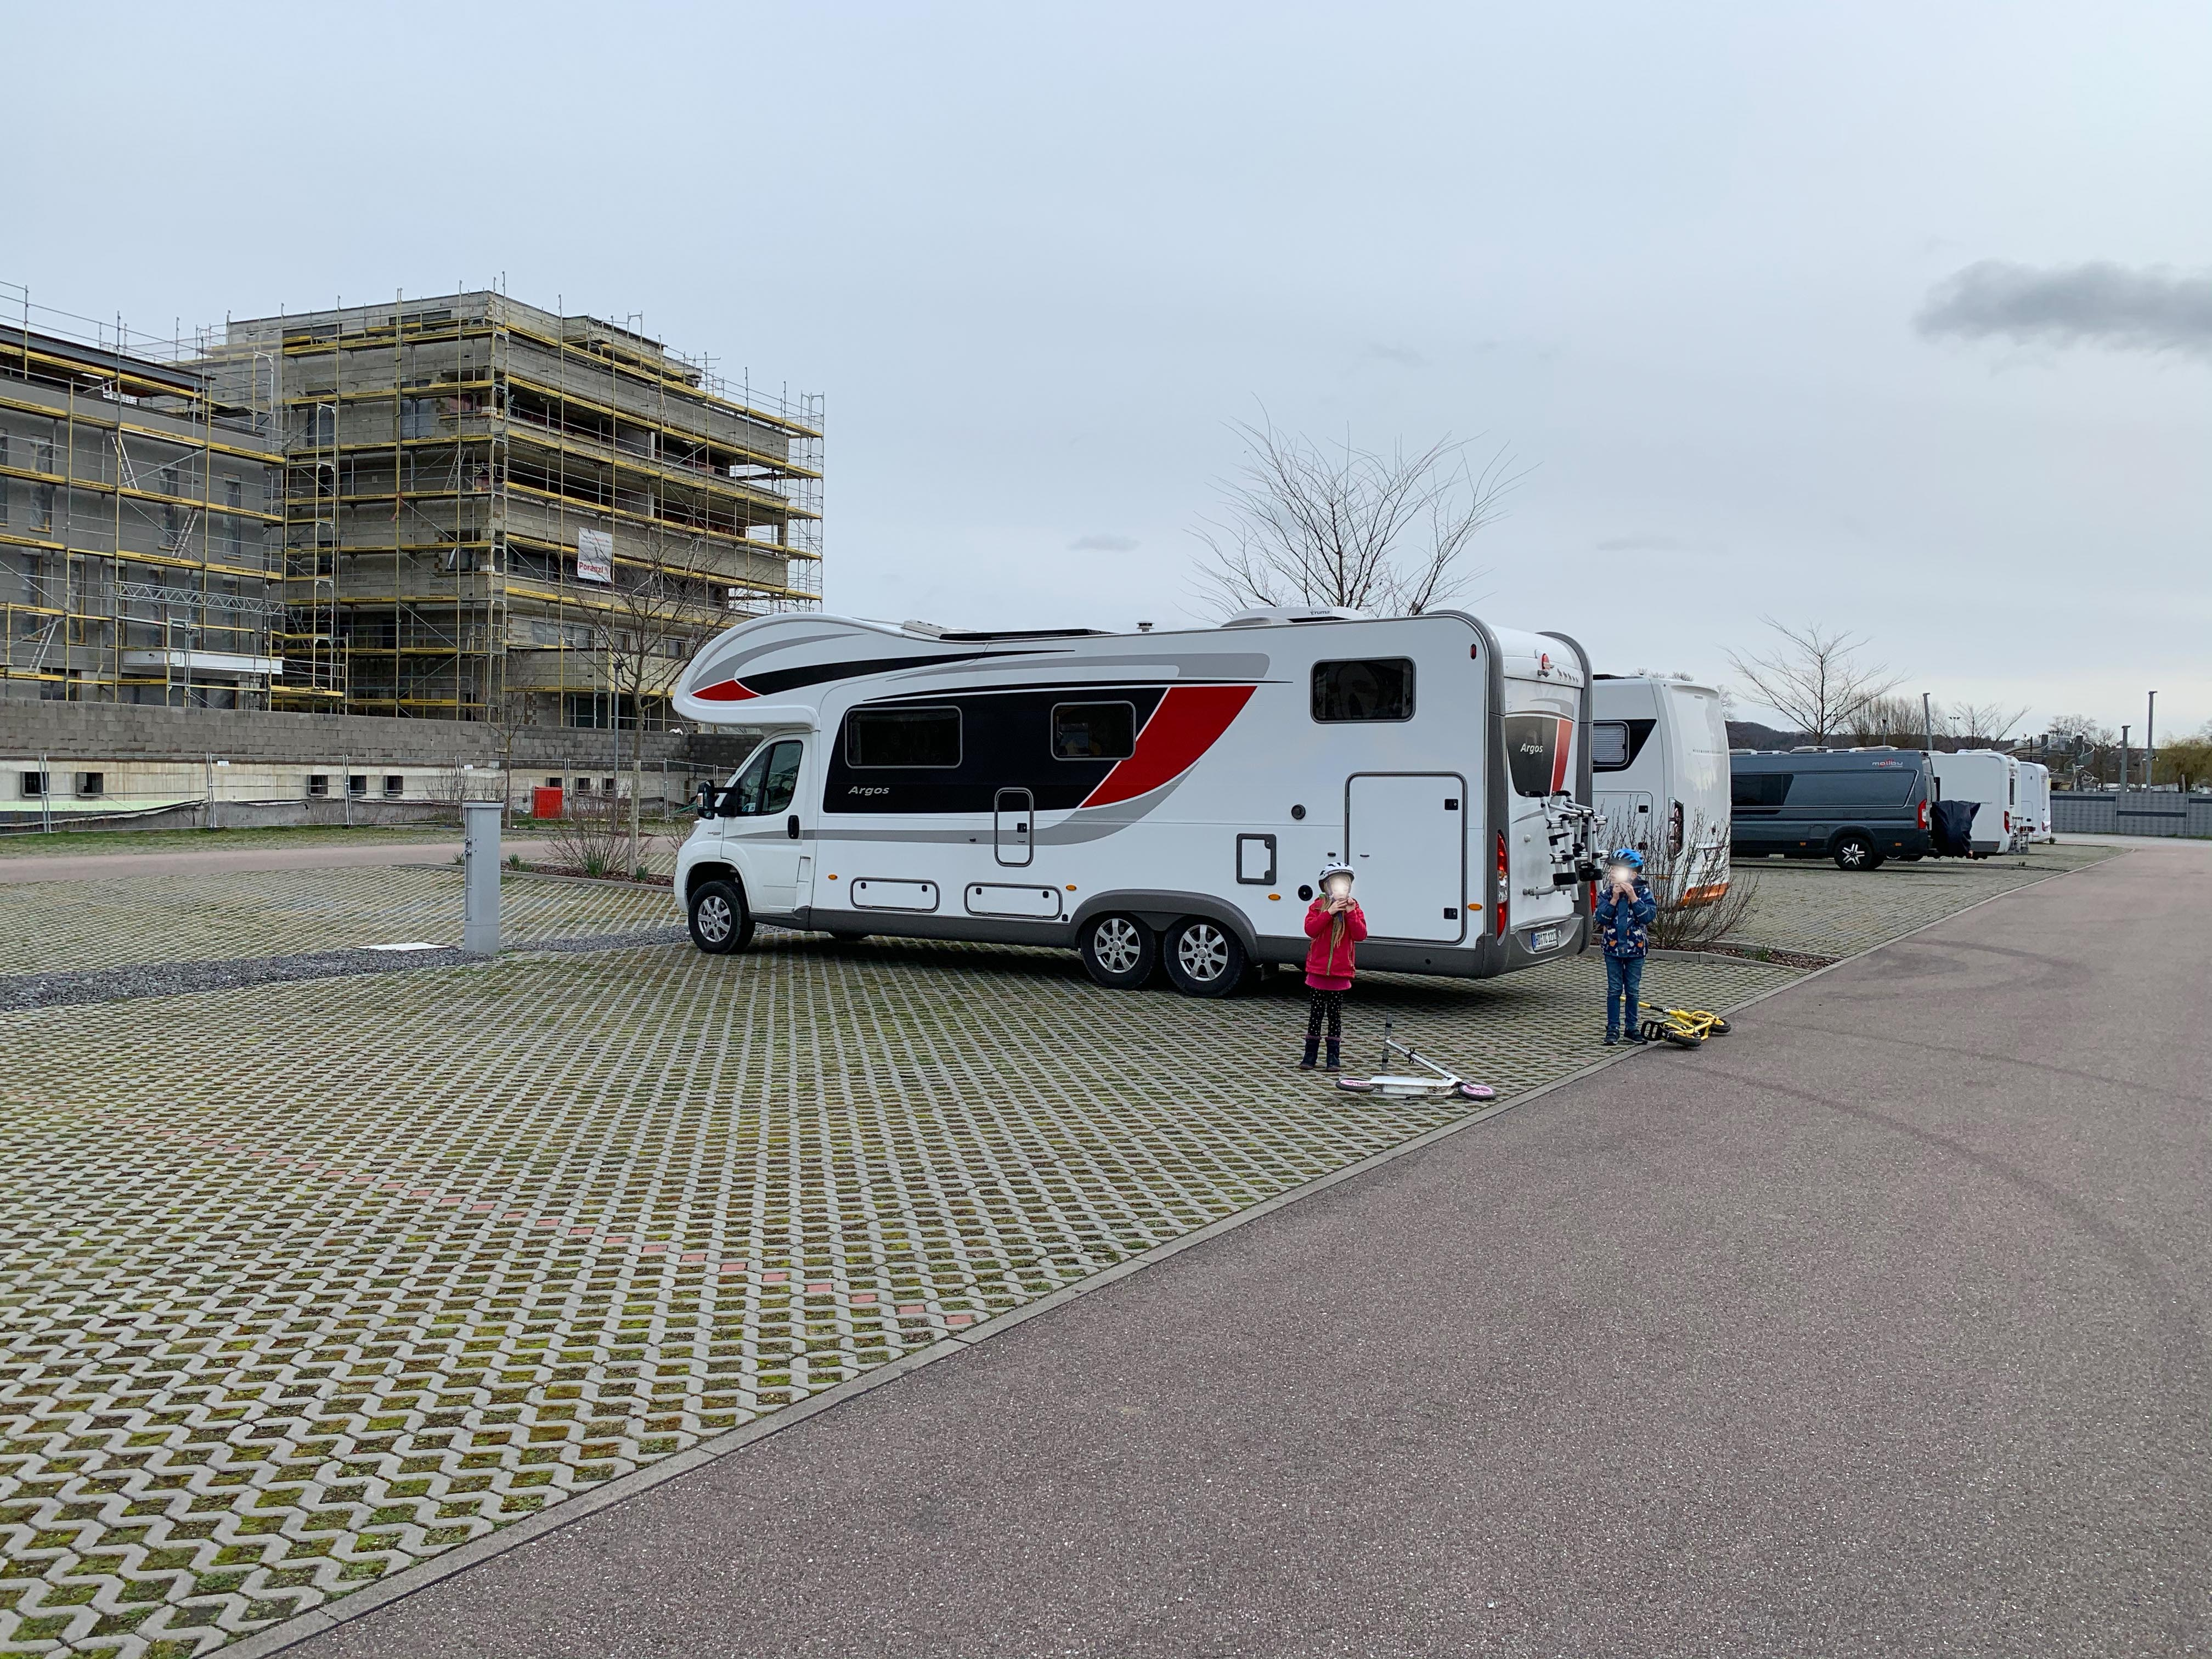 Wohnmobilpark Sinsheim01